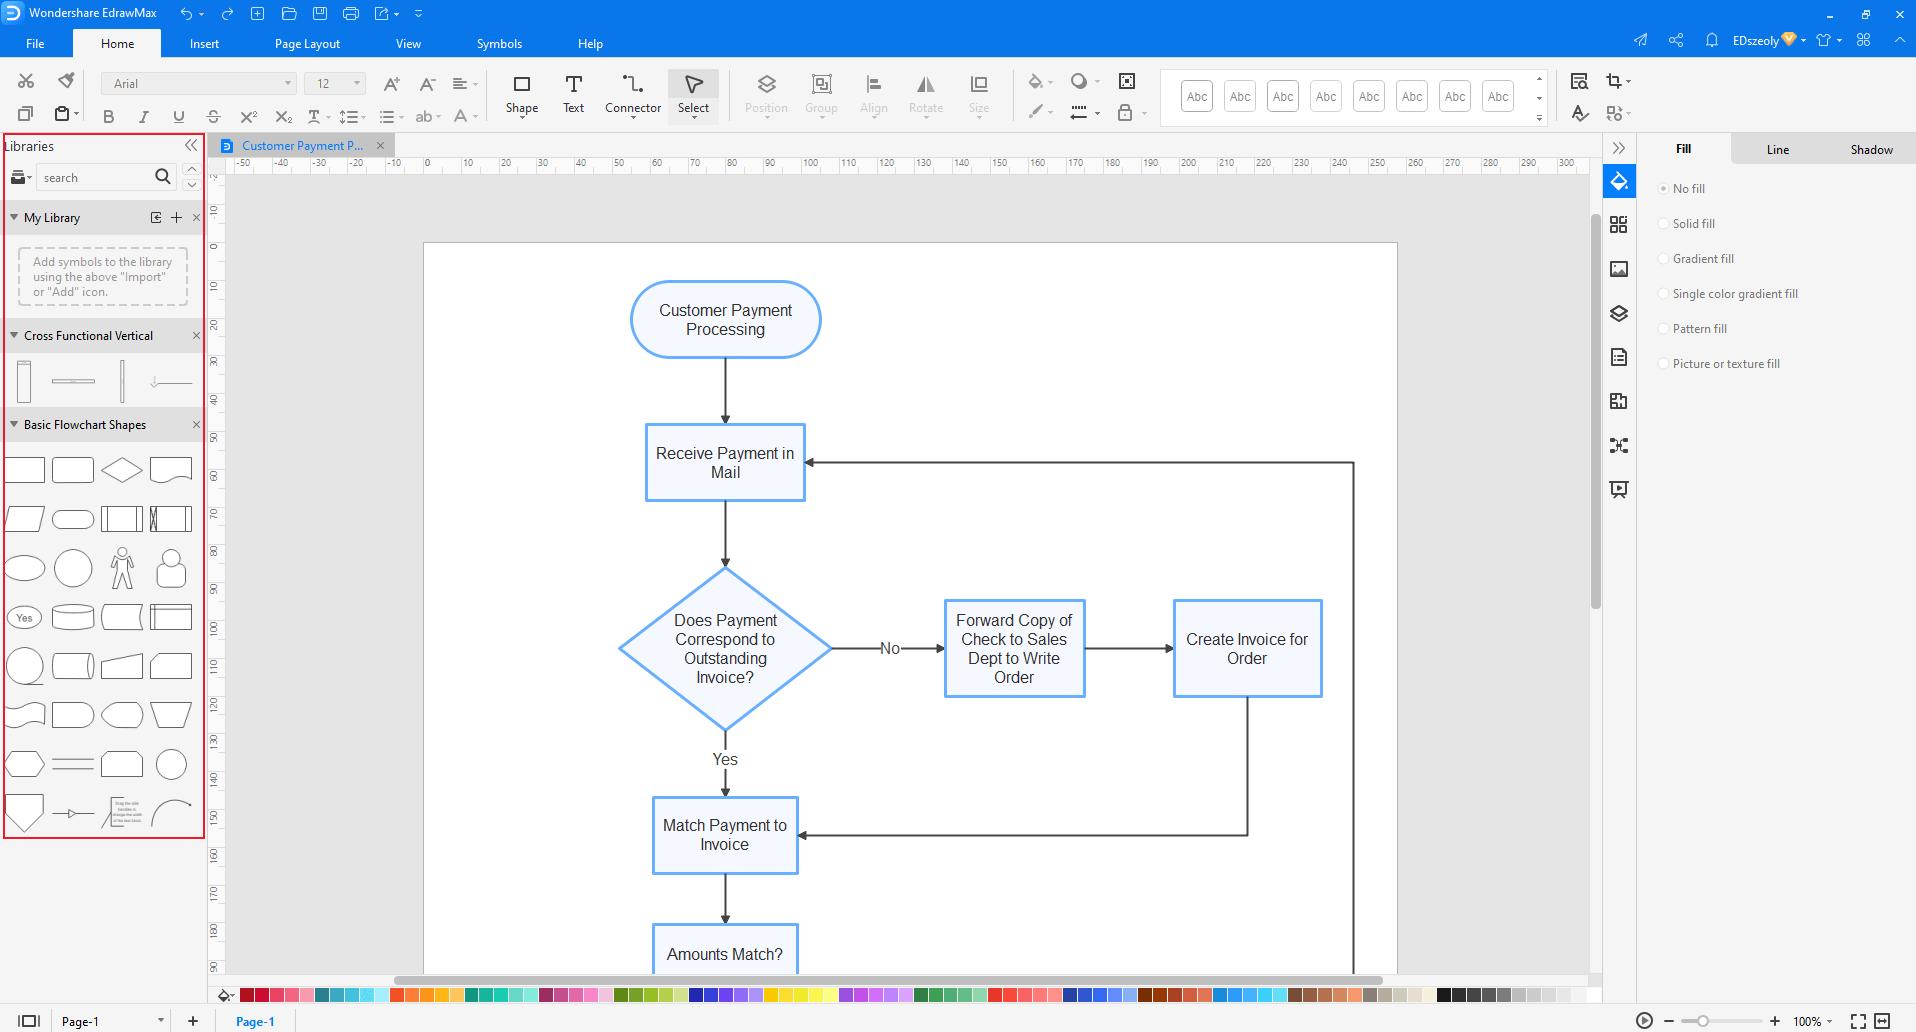 flowchart-process-2